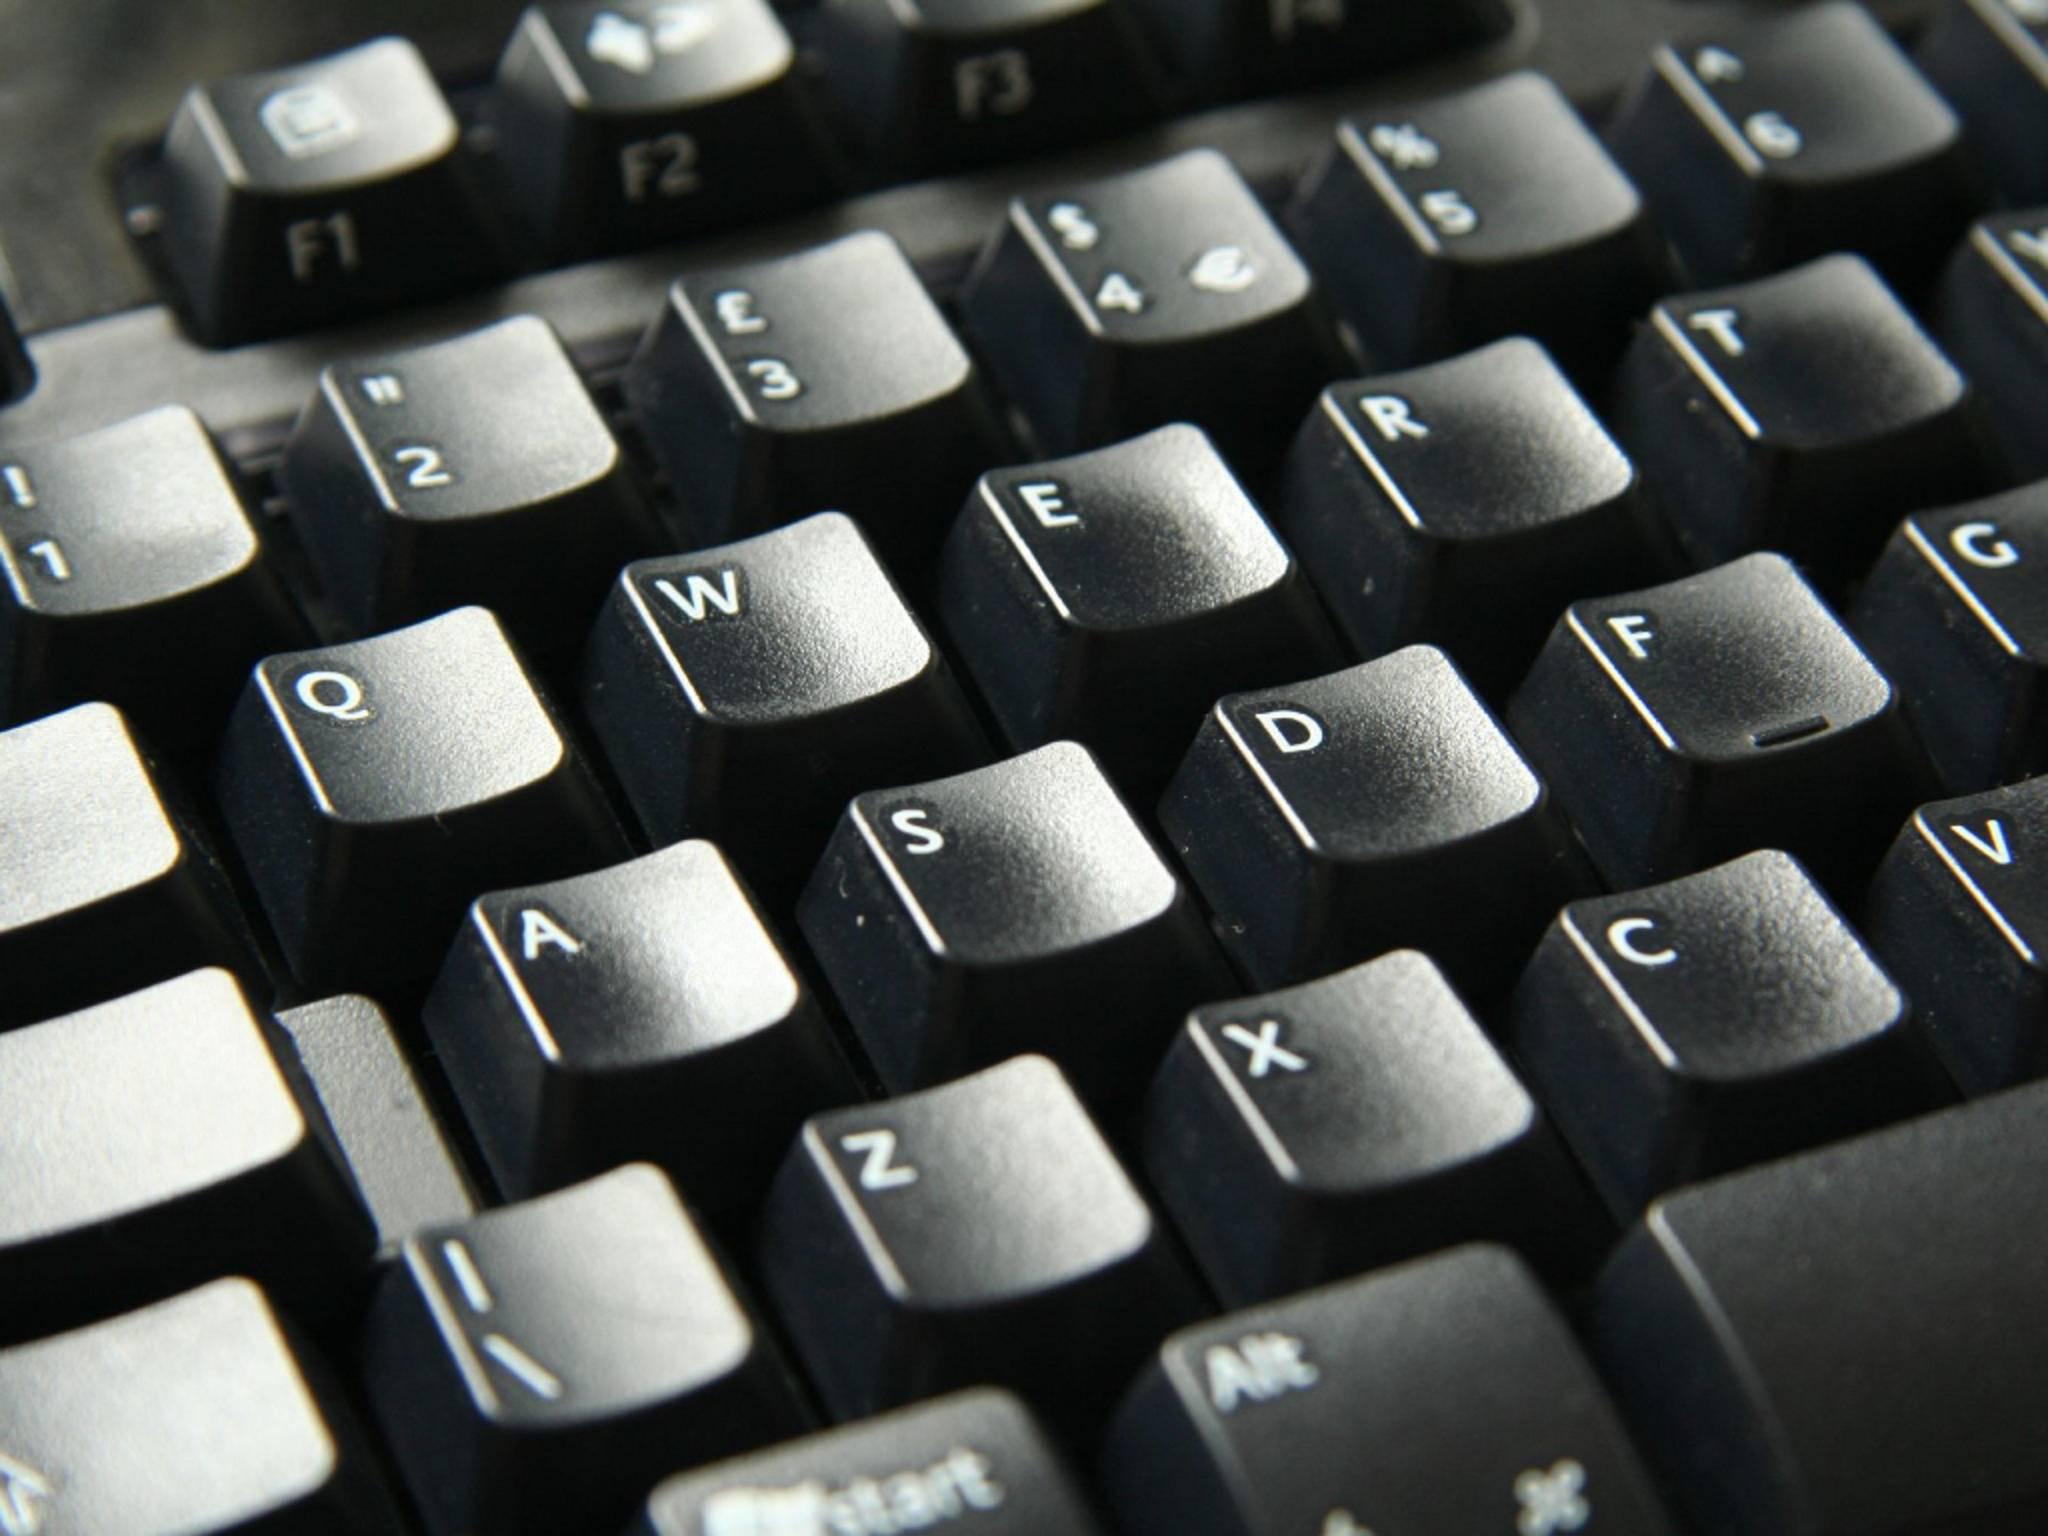 Die Sprache der Tastatur kann leicht versehentlich verstellt werden.